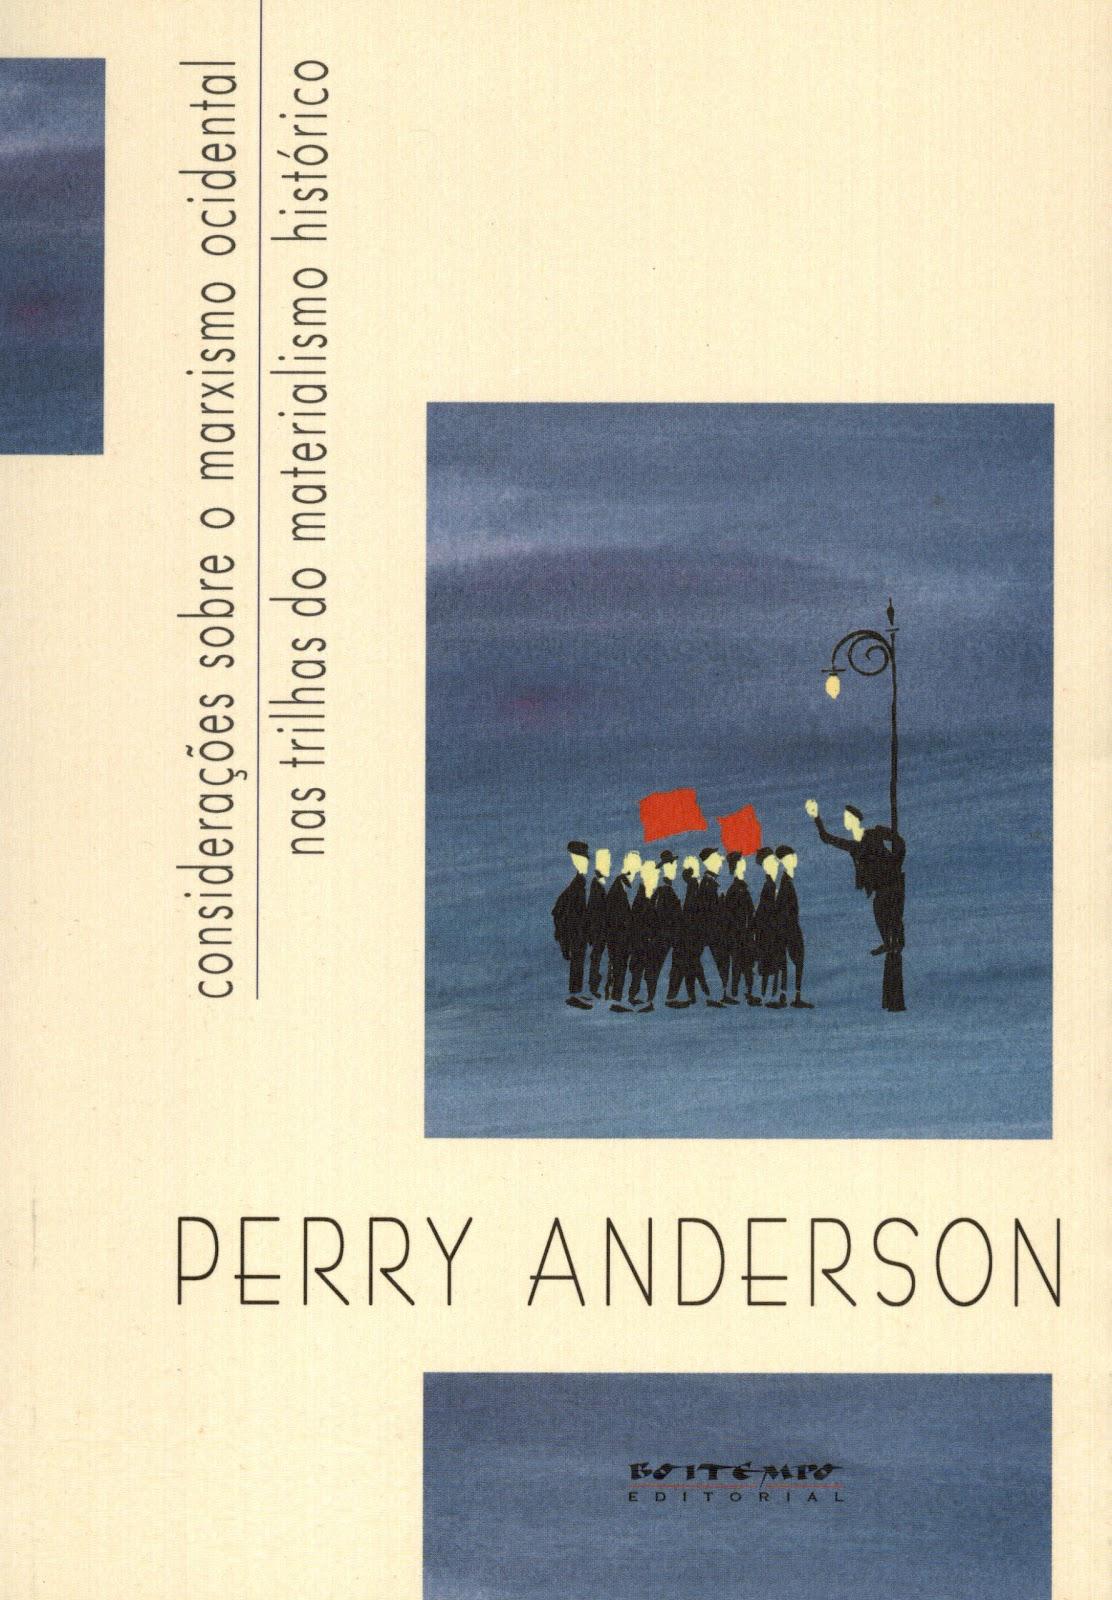 Considerações sobre o marxismo ocidental / Nas trilhas do materialismo histórico, livro de Perry Anderson